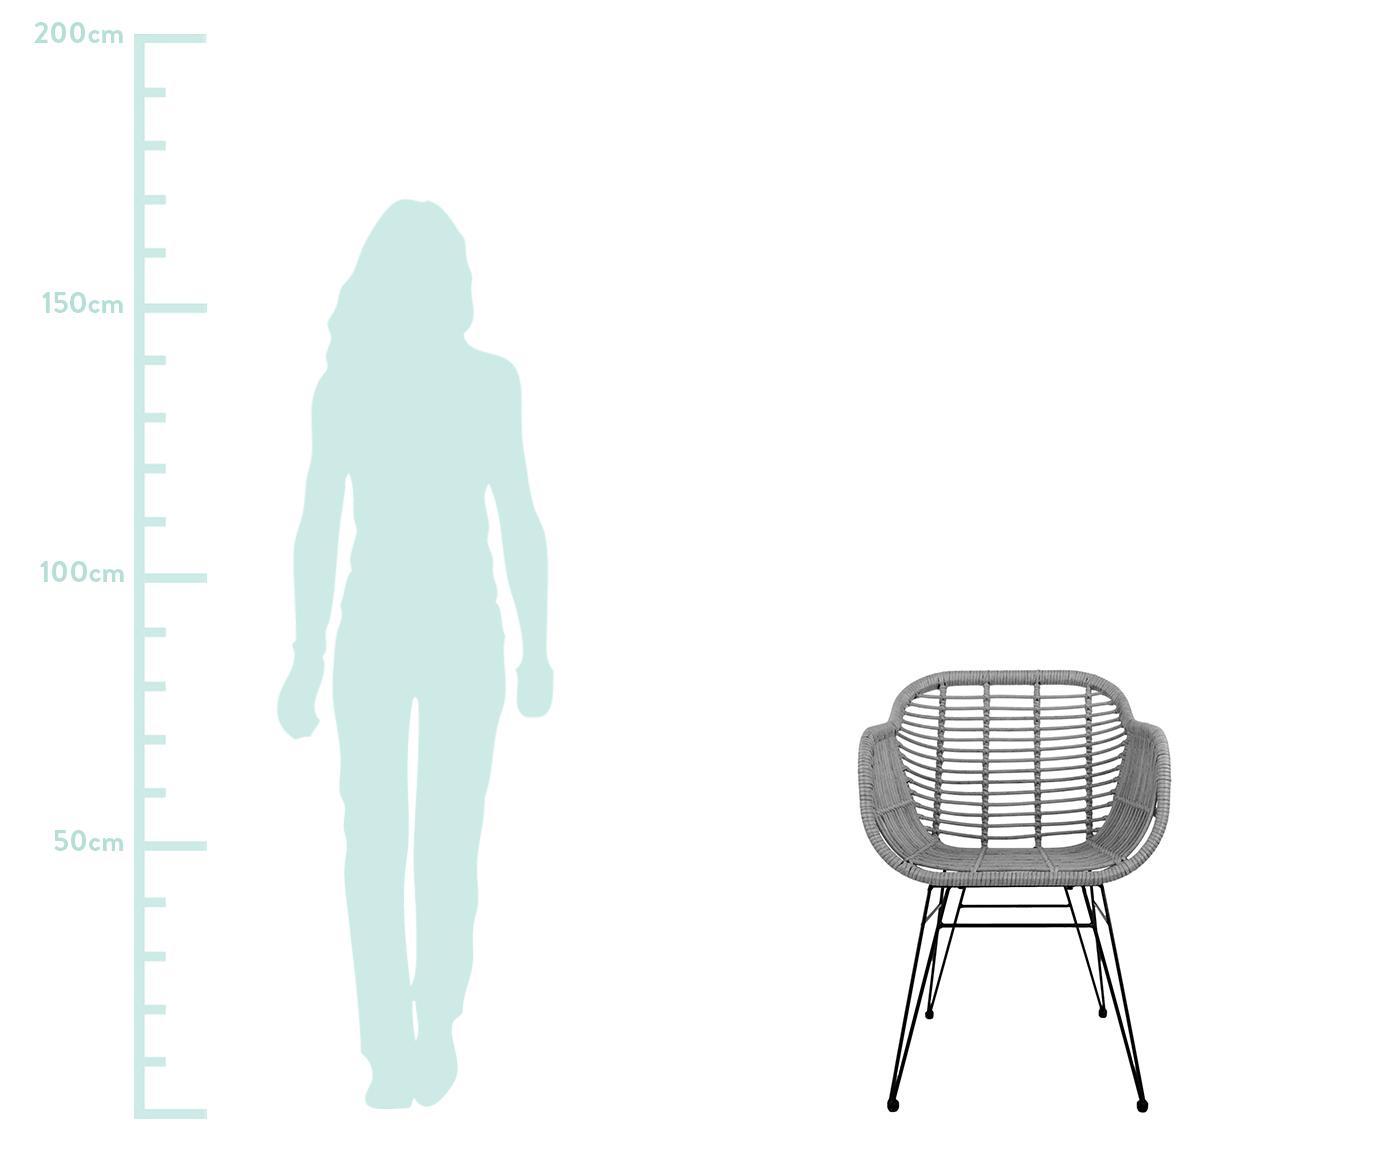 Polyrotan armstoelen Costa, 2 stuks, Frame: gepoedercoat metaal, Zitvlak: grijs. Frame: zwart, B 60 x D 58 cm